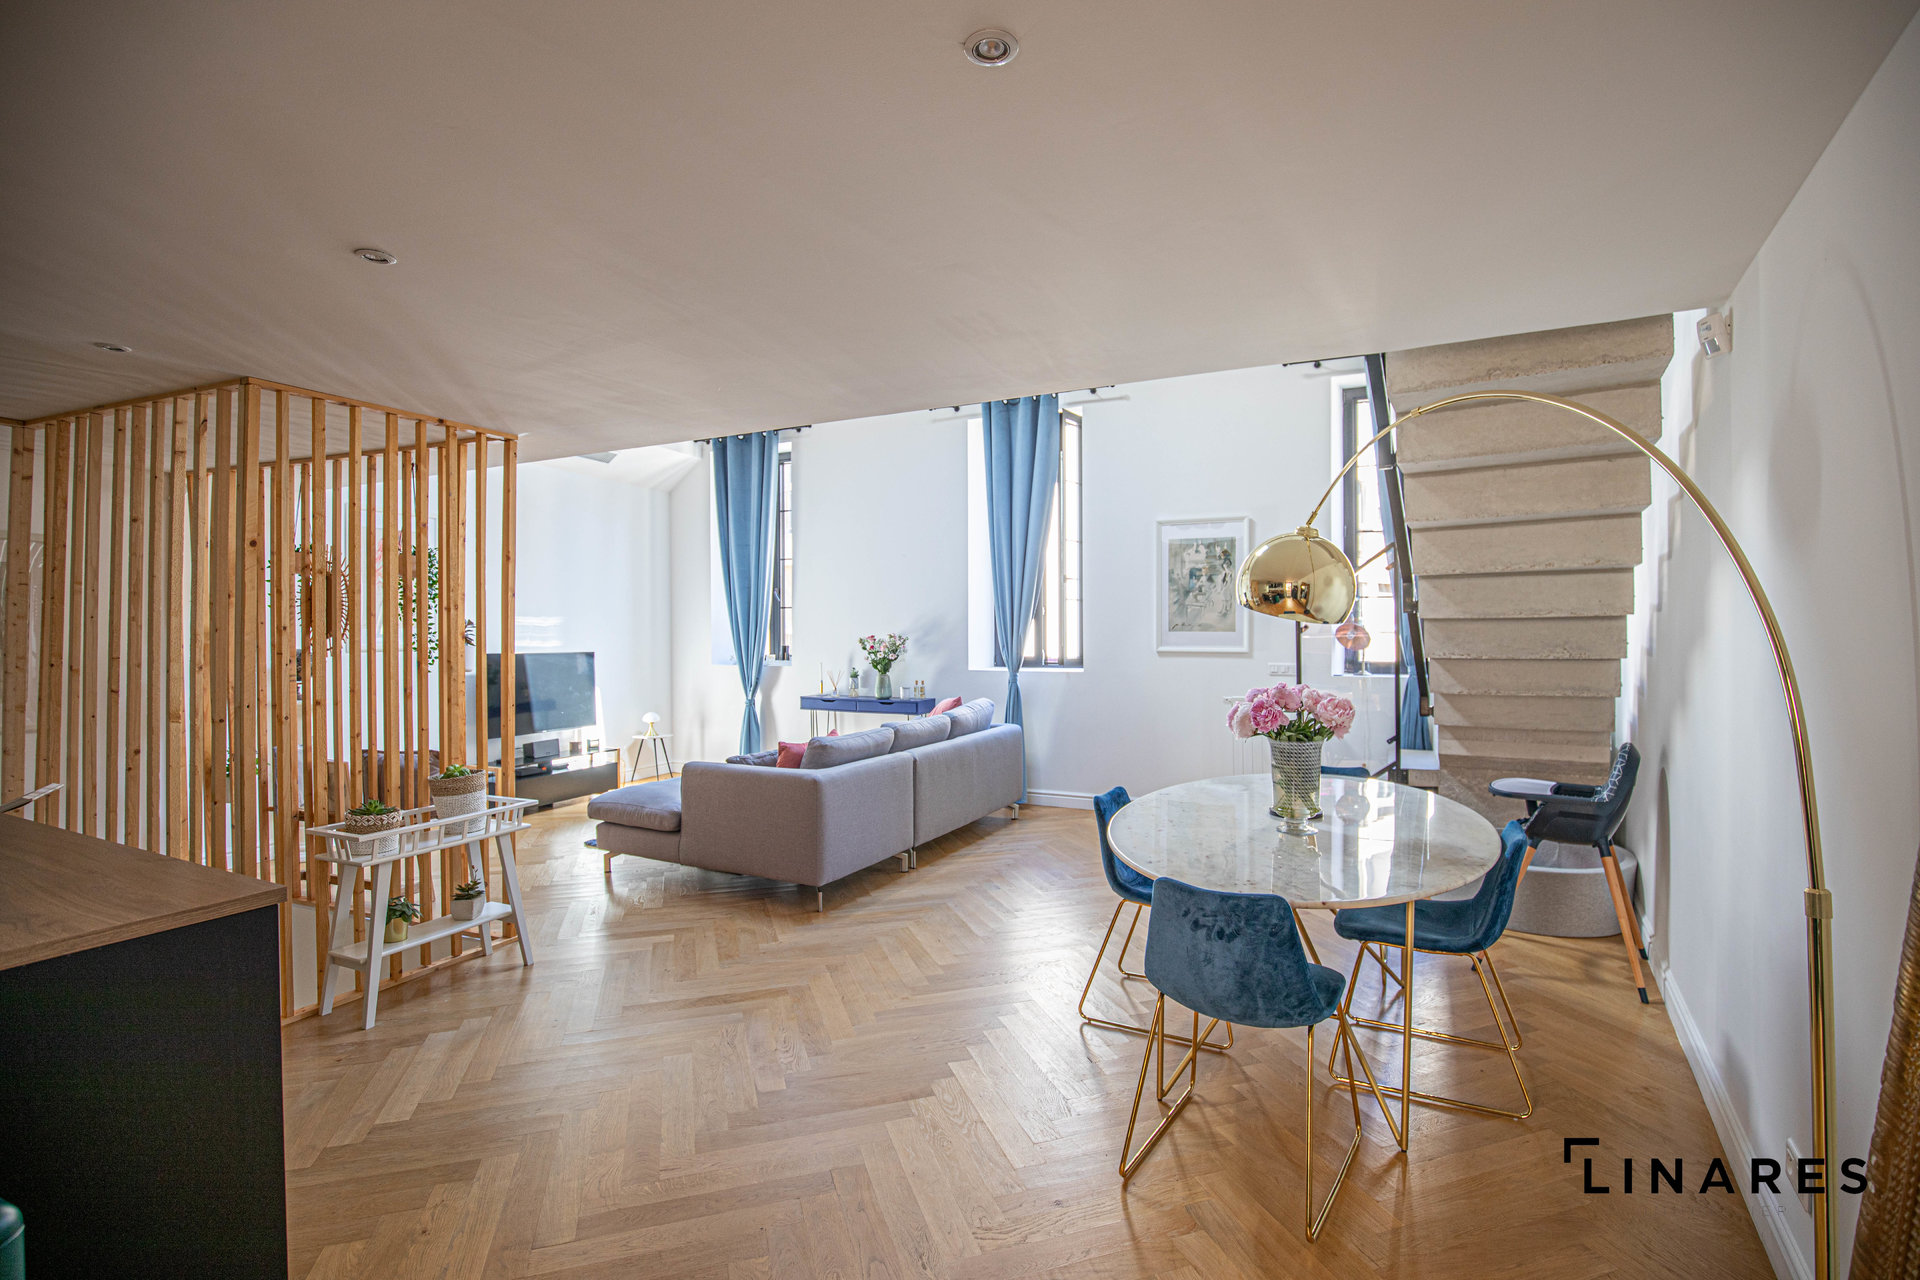 L'ATELIER - Maison T5 avec Terrasse et Garage + T2 indépendant 13006 Marseille